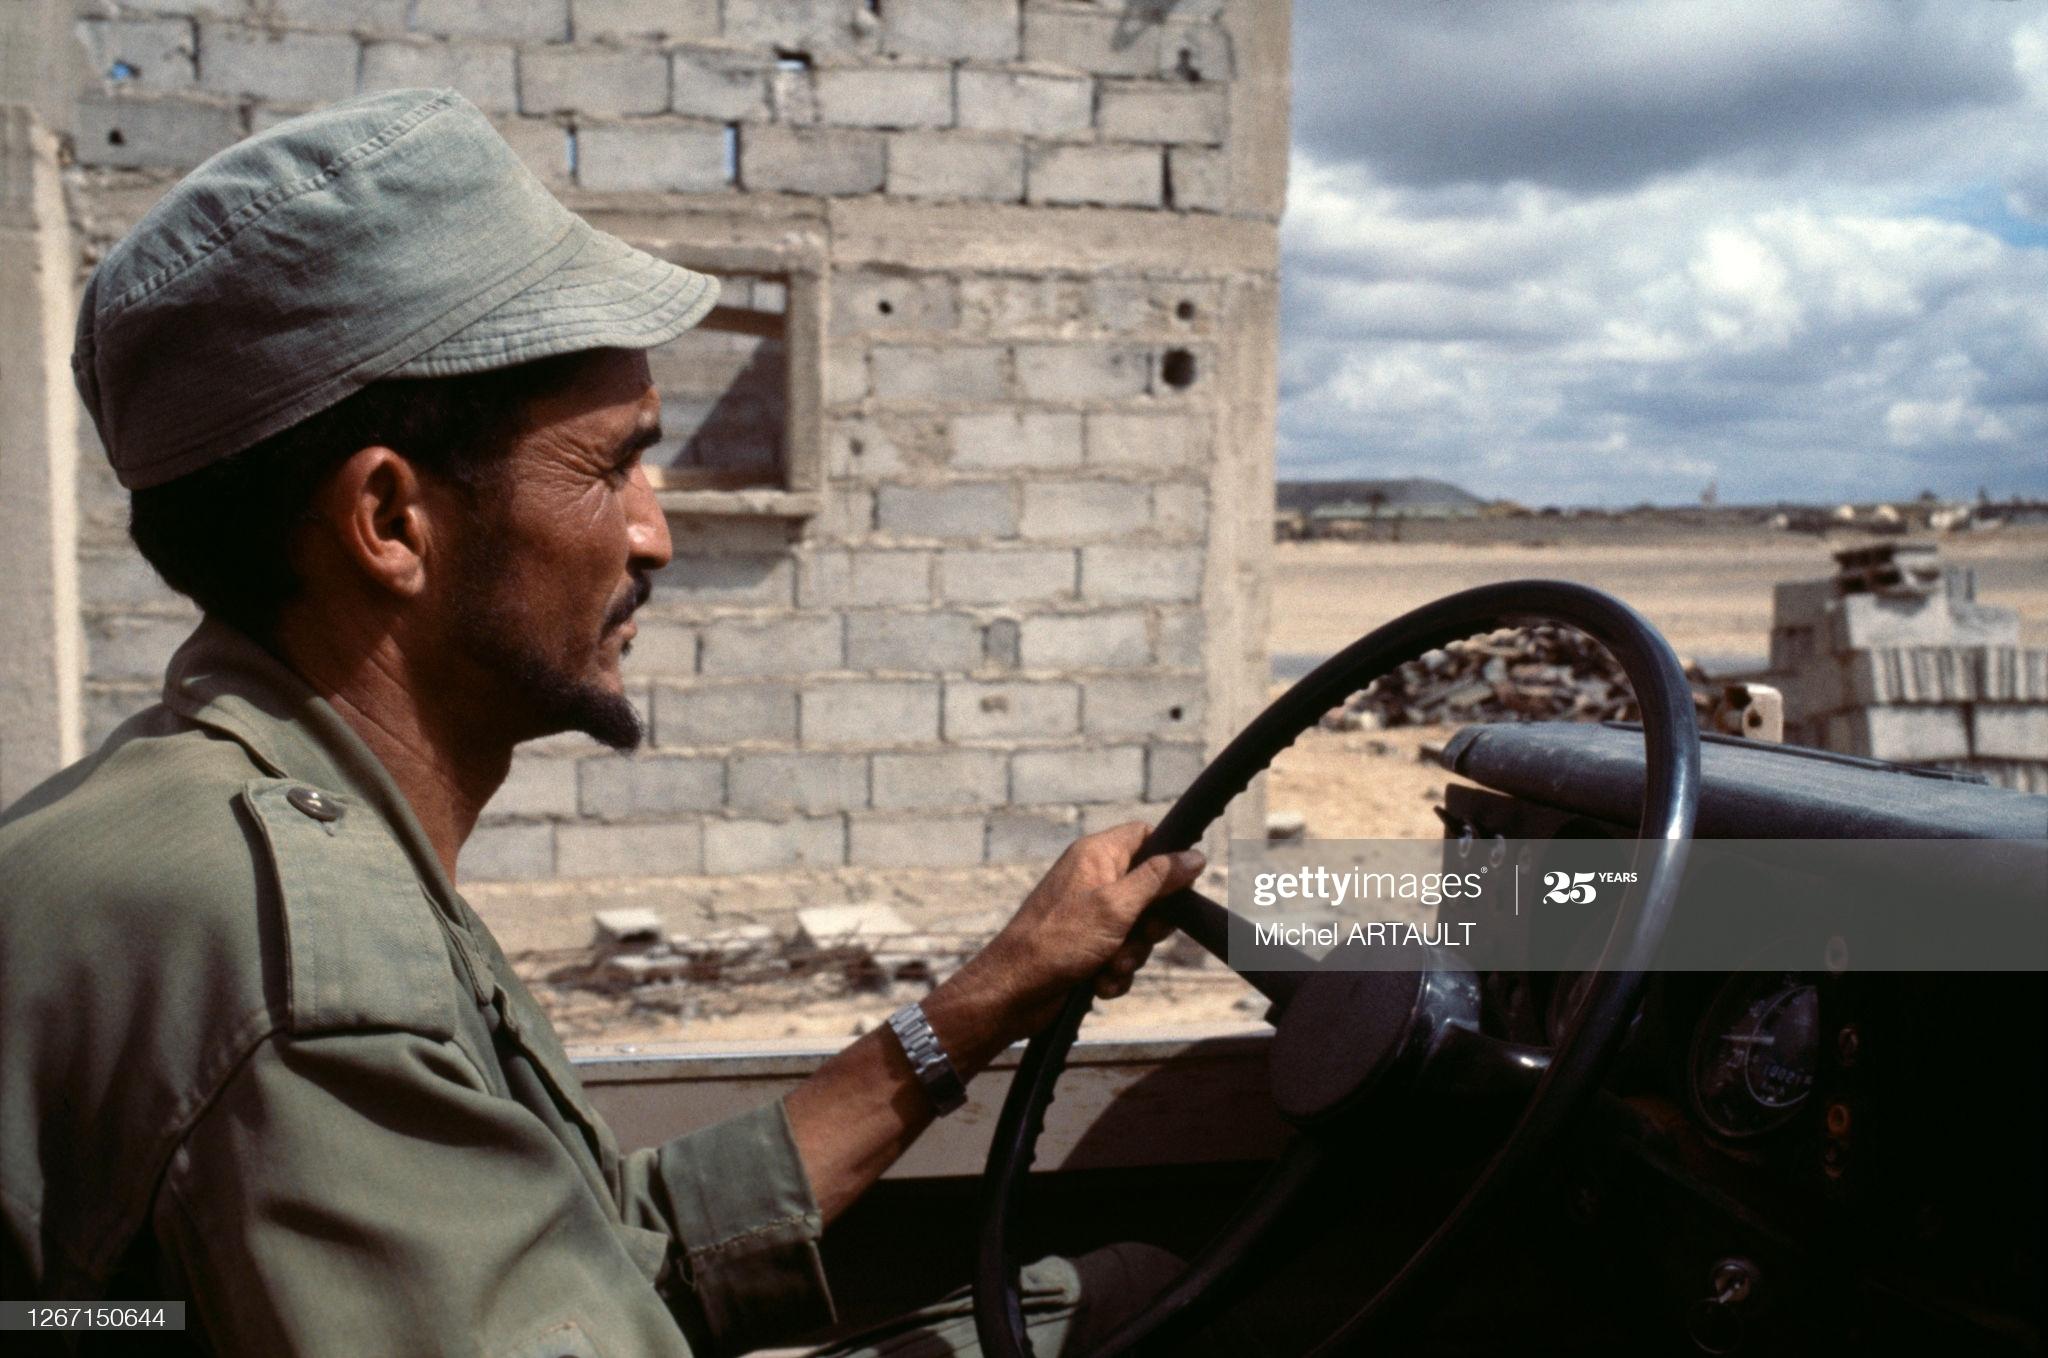 Le conflit armé du sahara marocain - Page 13 50317365452_0890e0b648_o_d